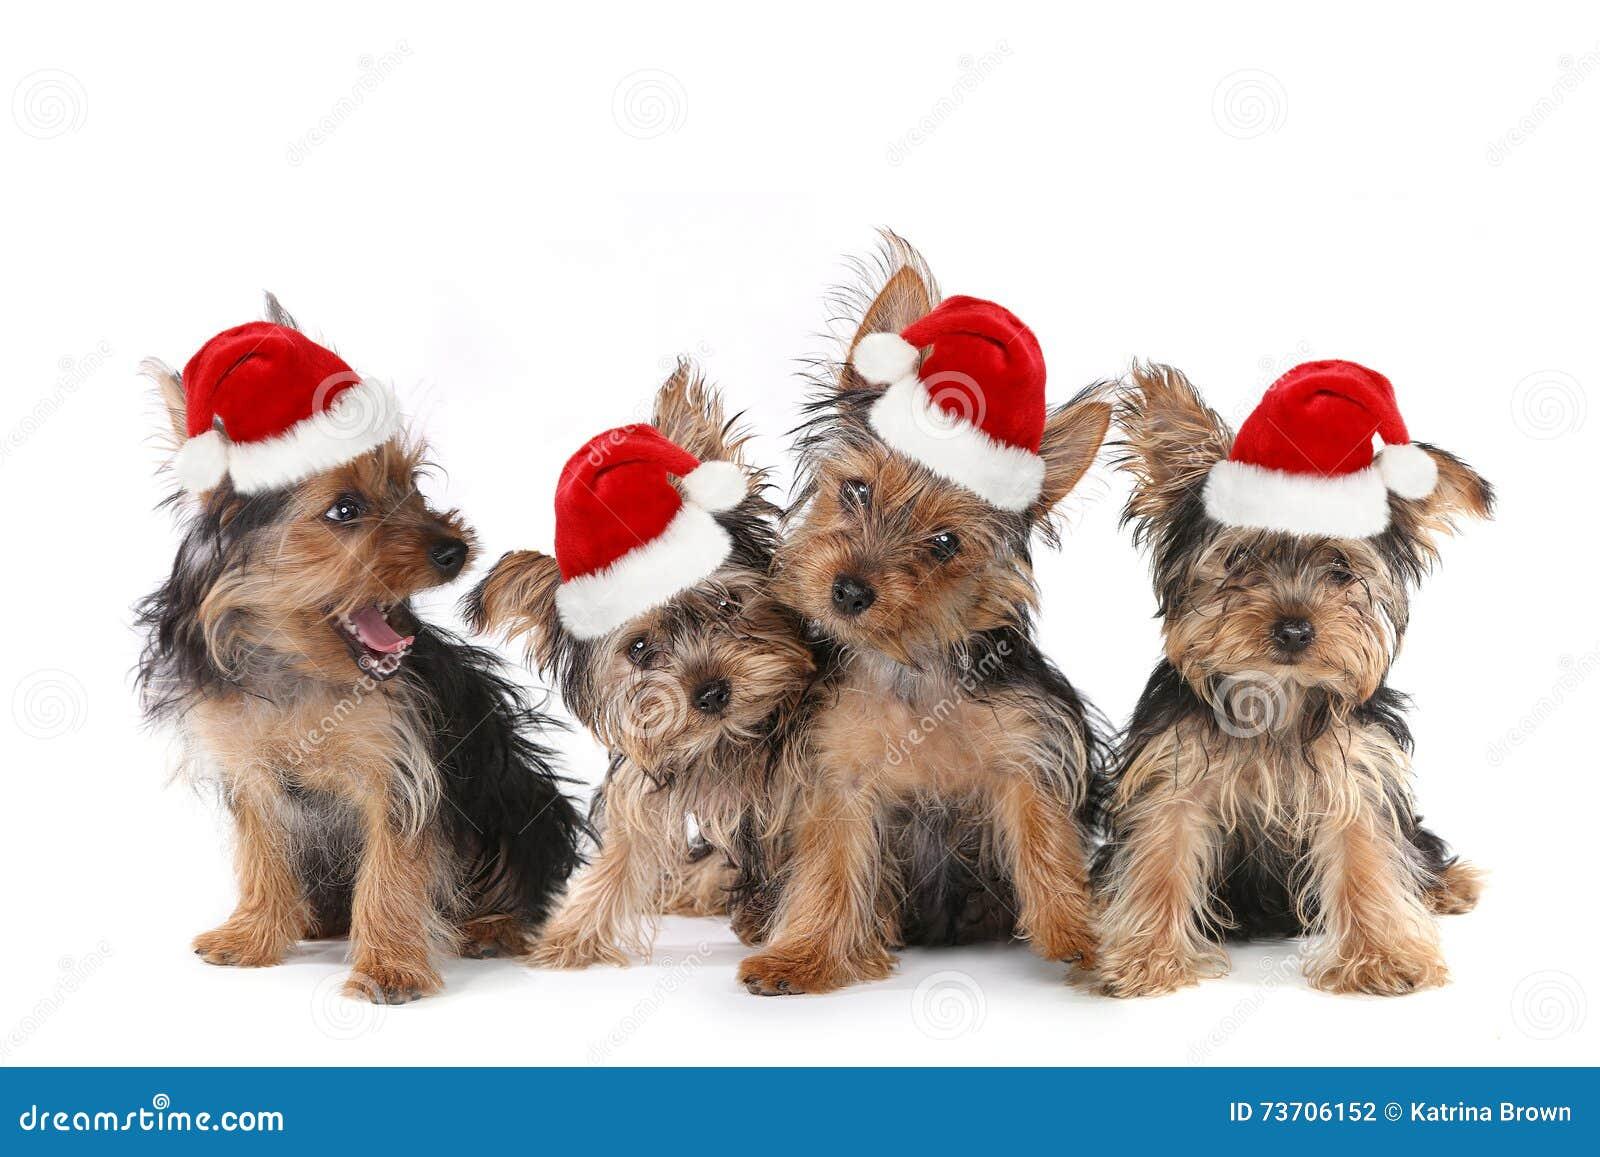 Σκυλιά κουταβιών με τη χαριτωμένη έκφραση και το καπέλο Santa